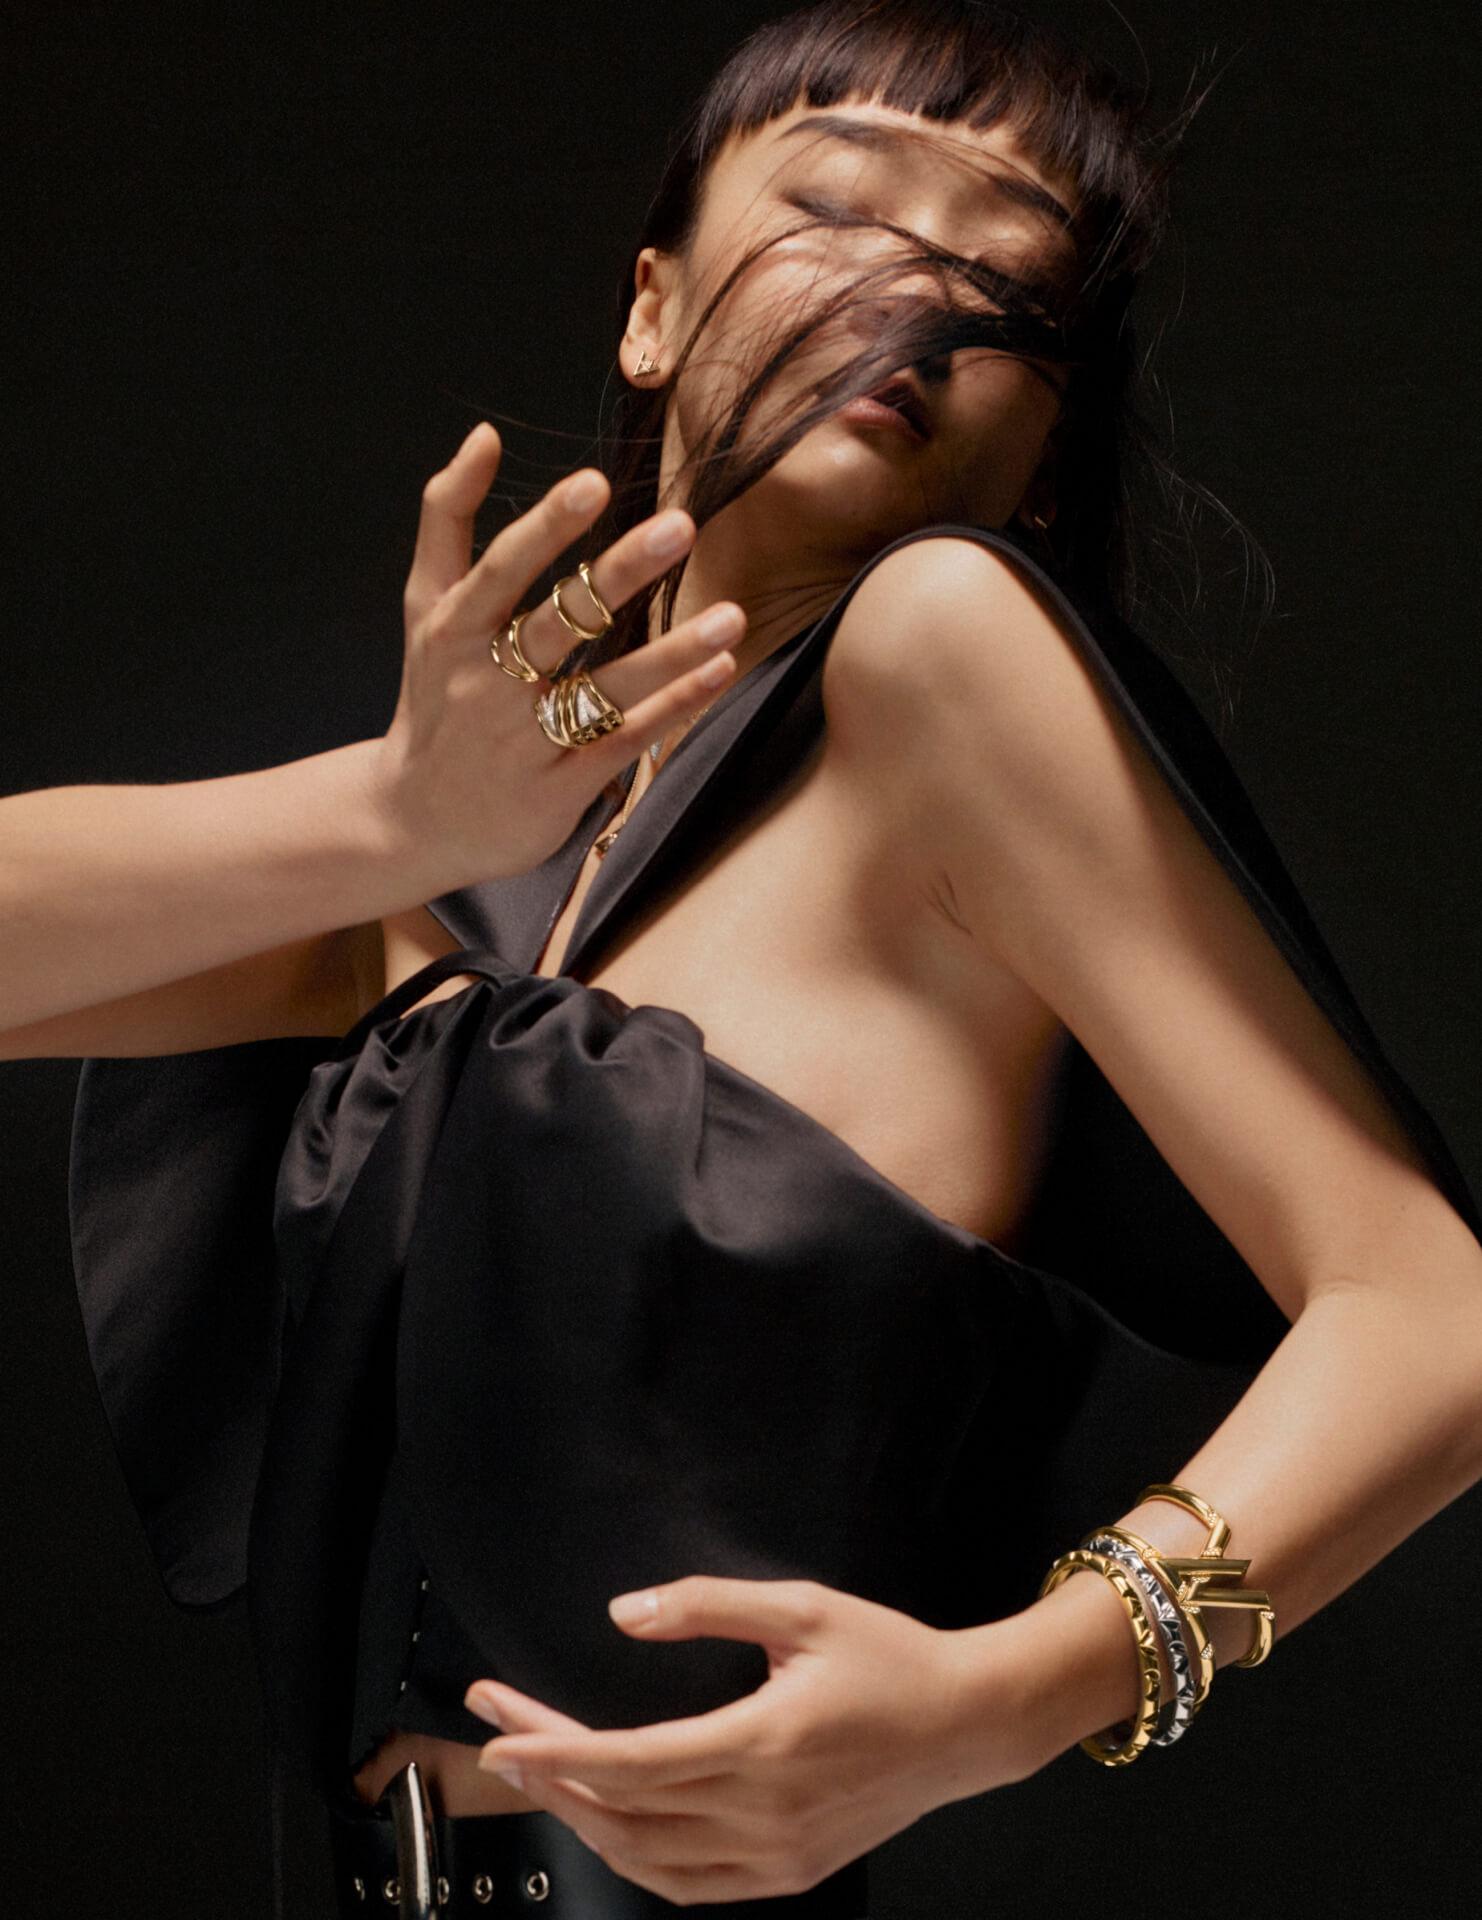 ルイ・ヴィトンから新作ジュエリーコレクション「LV ヴォルト」が発売決定!ブランド初となるユニセックスのデザインに fashion2020728_louisvuitton5